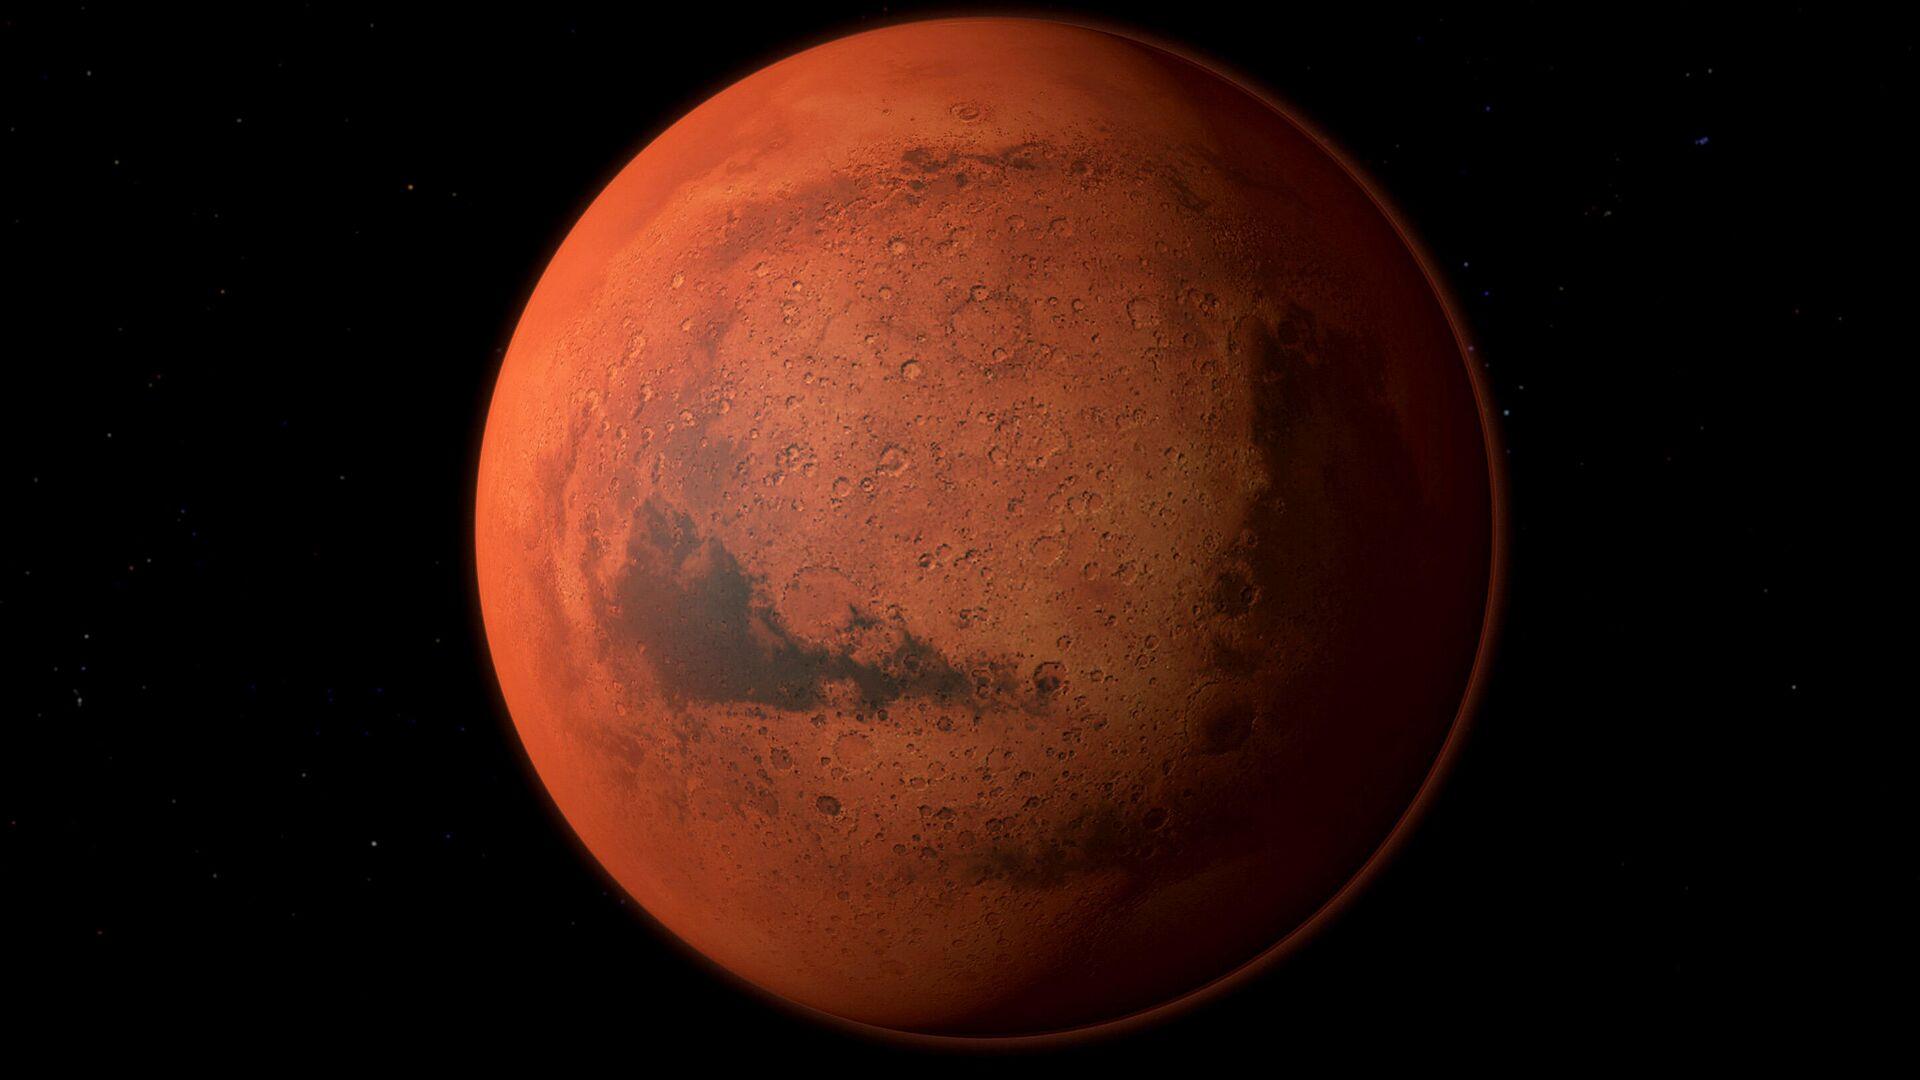 Планета Марс - РИА Новости, 1920, 12.10.2020